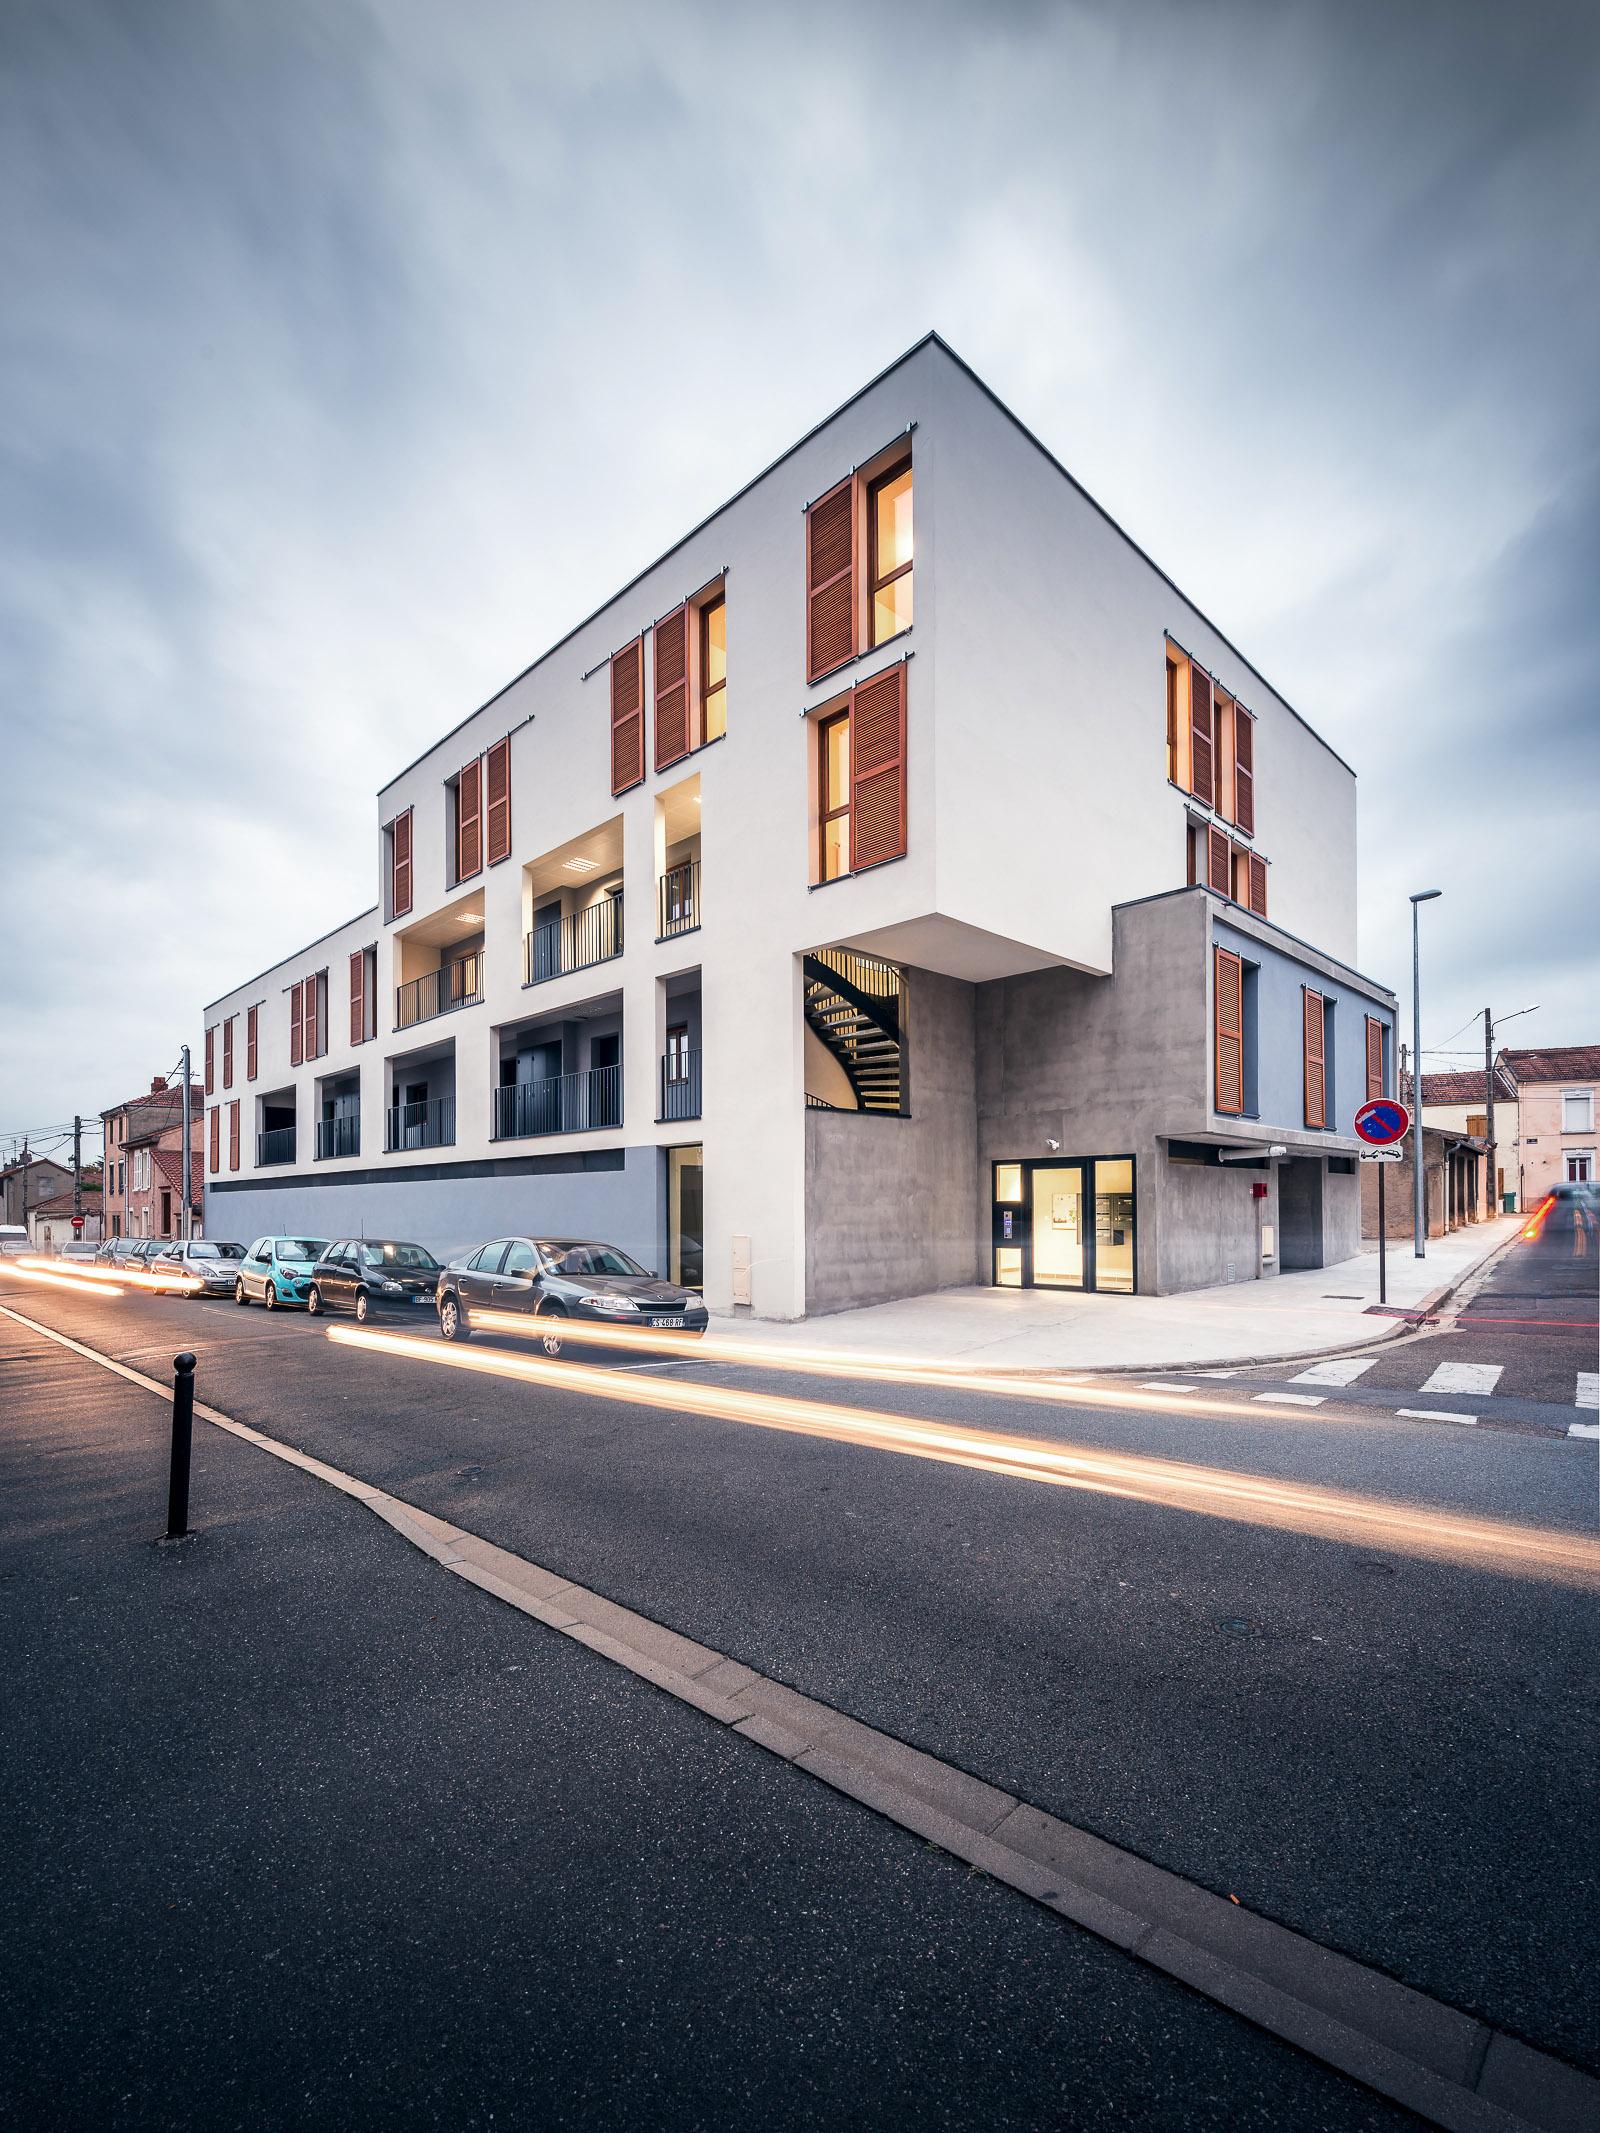 9 logements bbc roanne zoomfactor architectes paris. Black Bedroom Furniture Sets. Home Design Ideas